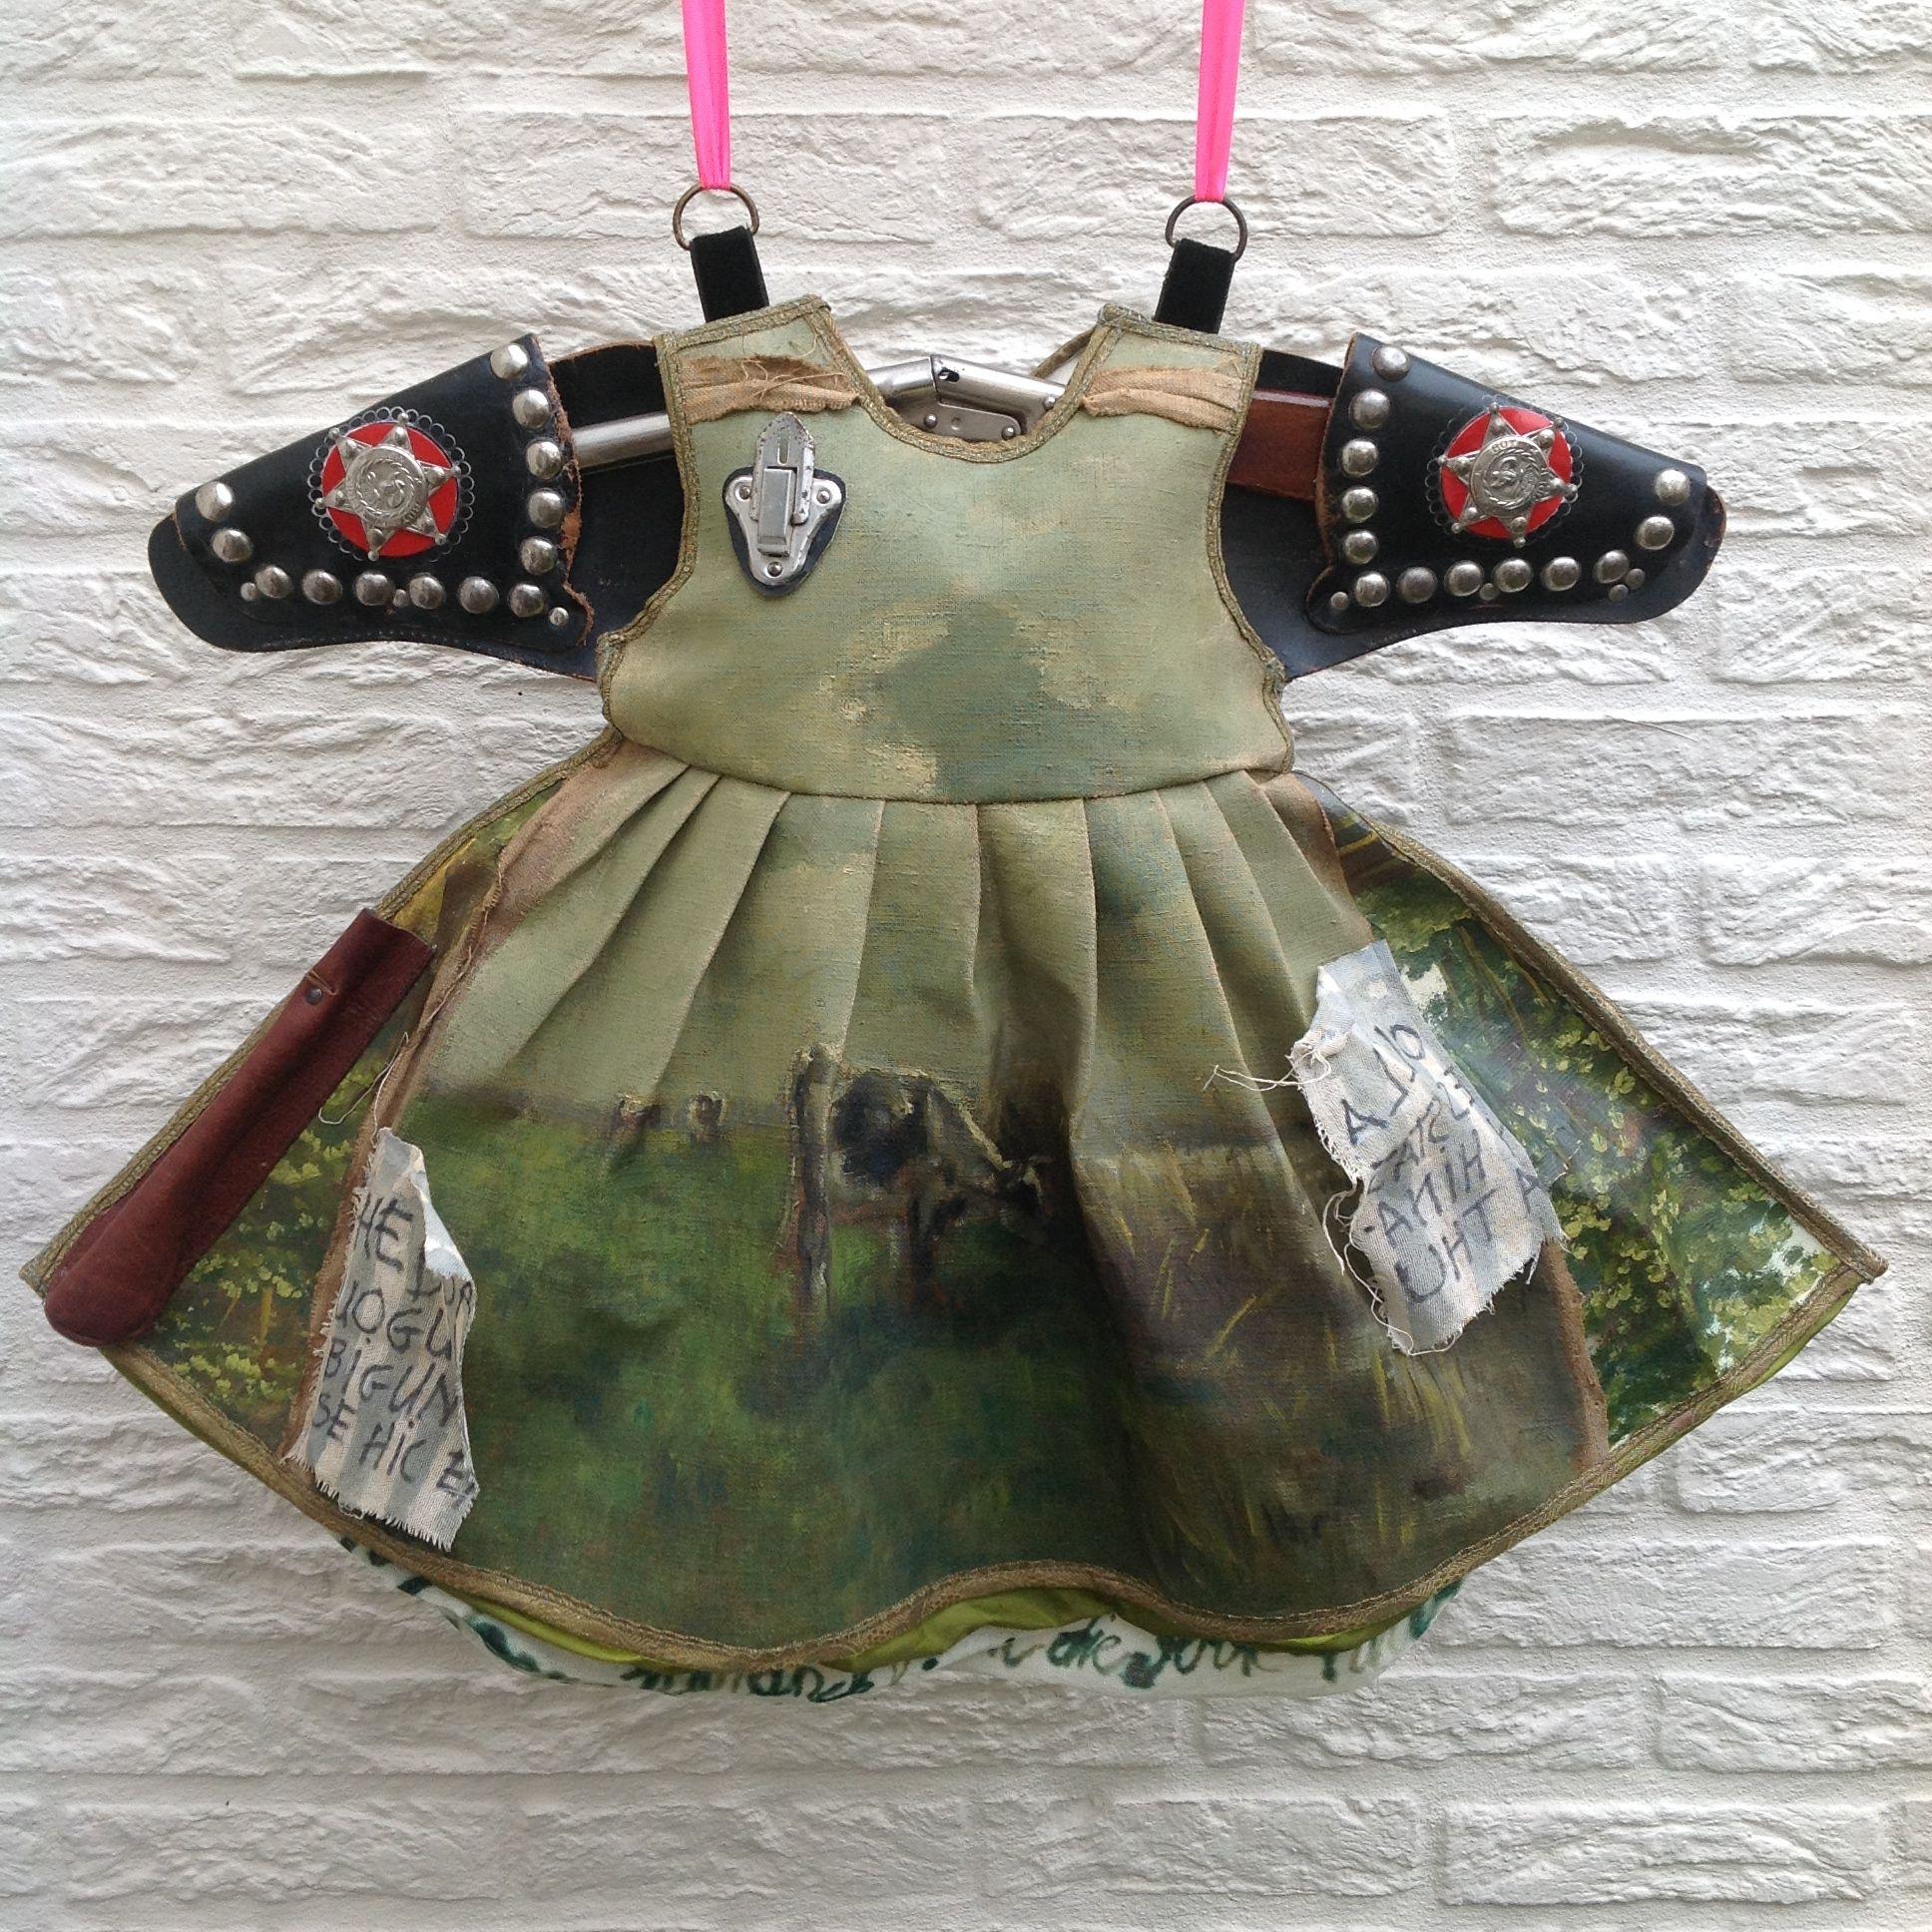 Dress made of old painting - vintage belt - gun . Karin van der Linden